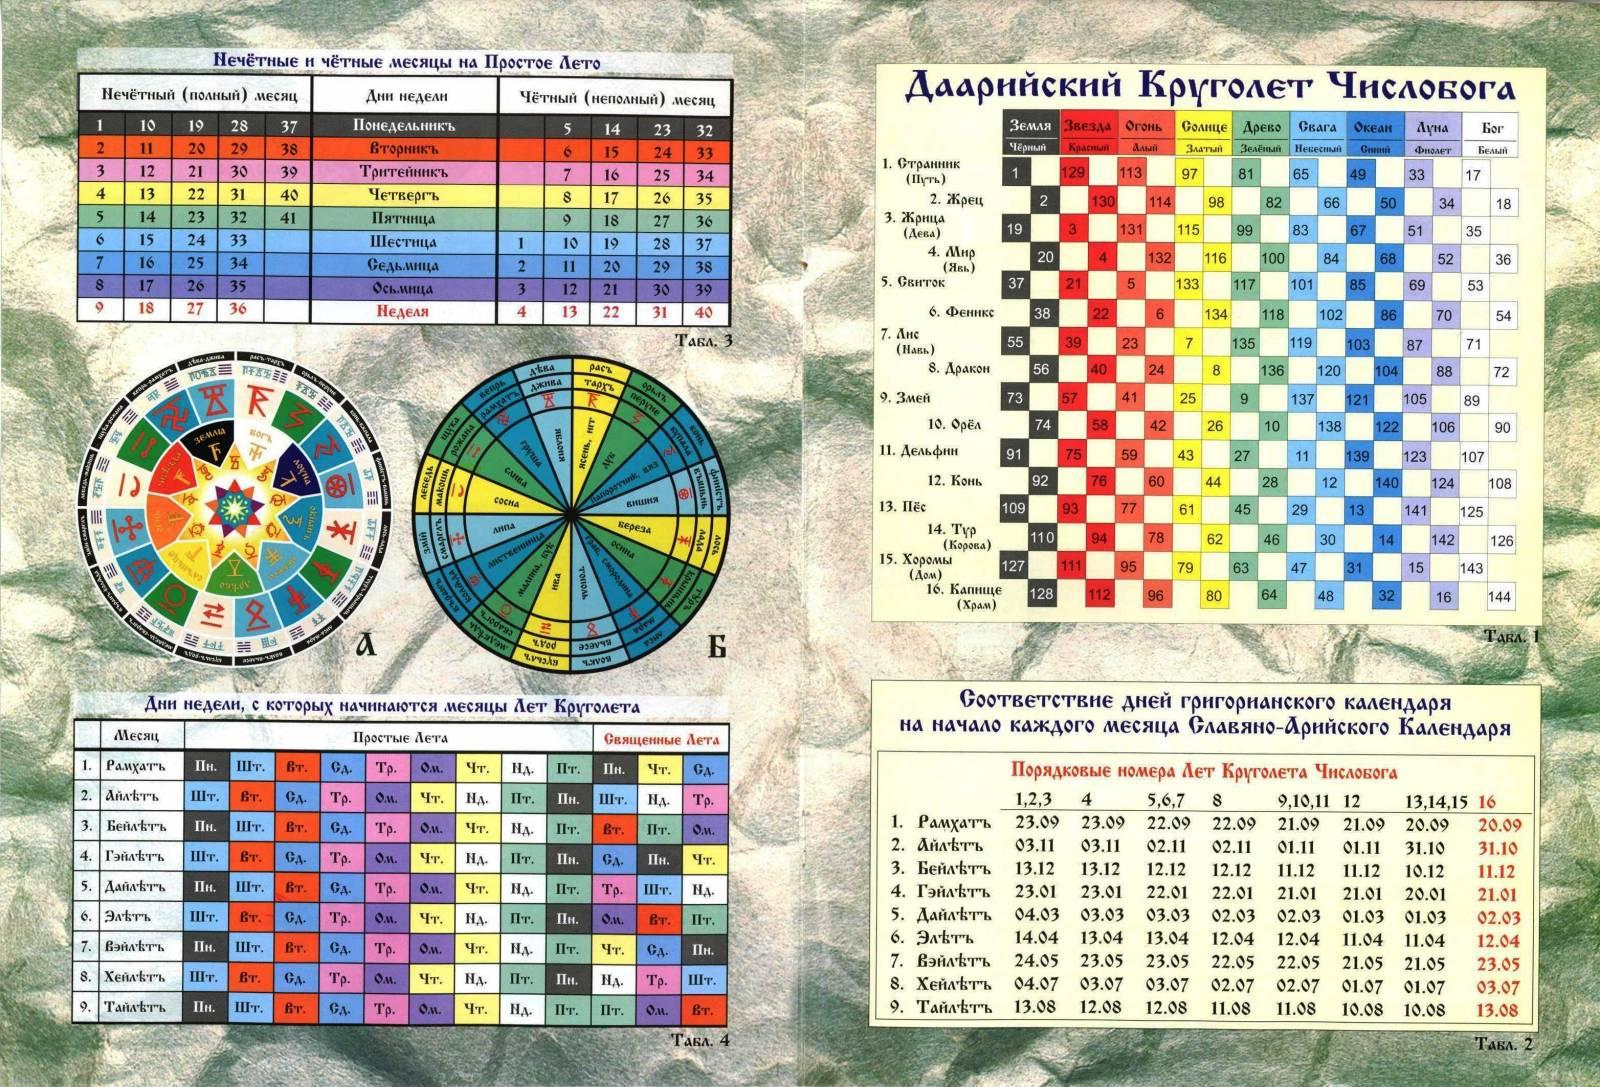 Вечный лунно-солнечный церковный календарь